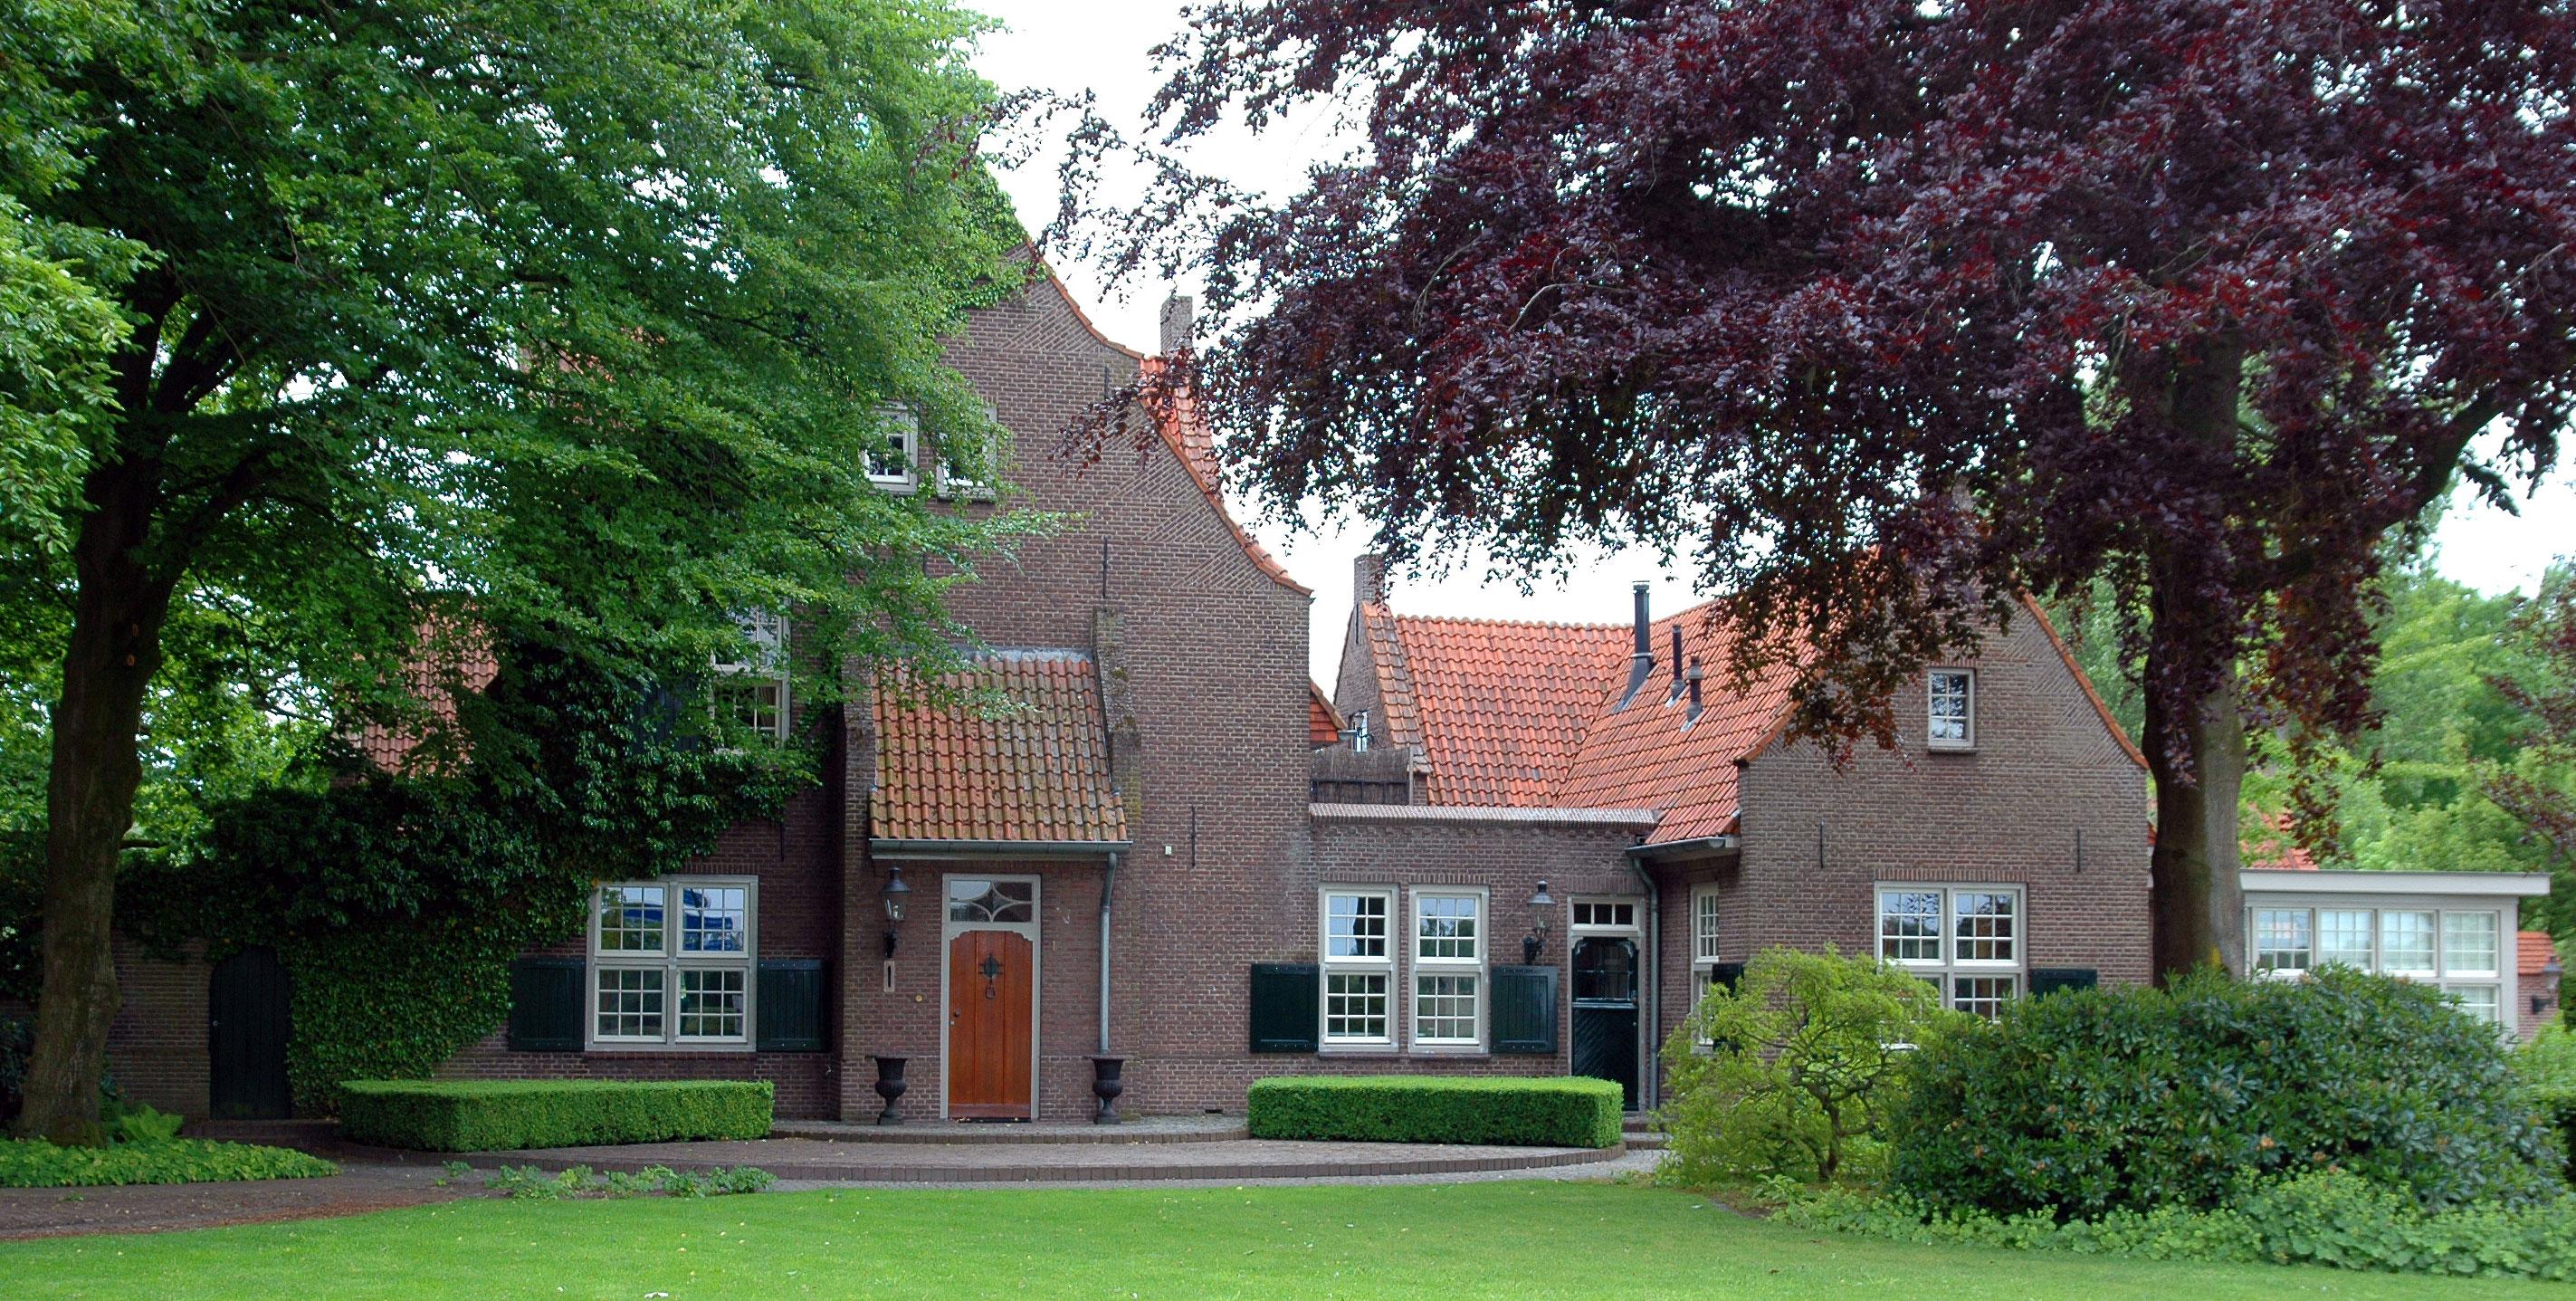 Villa in nuenen monument for Huis en tuin nuenen